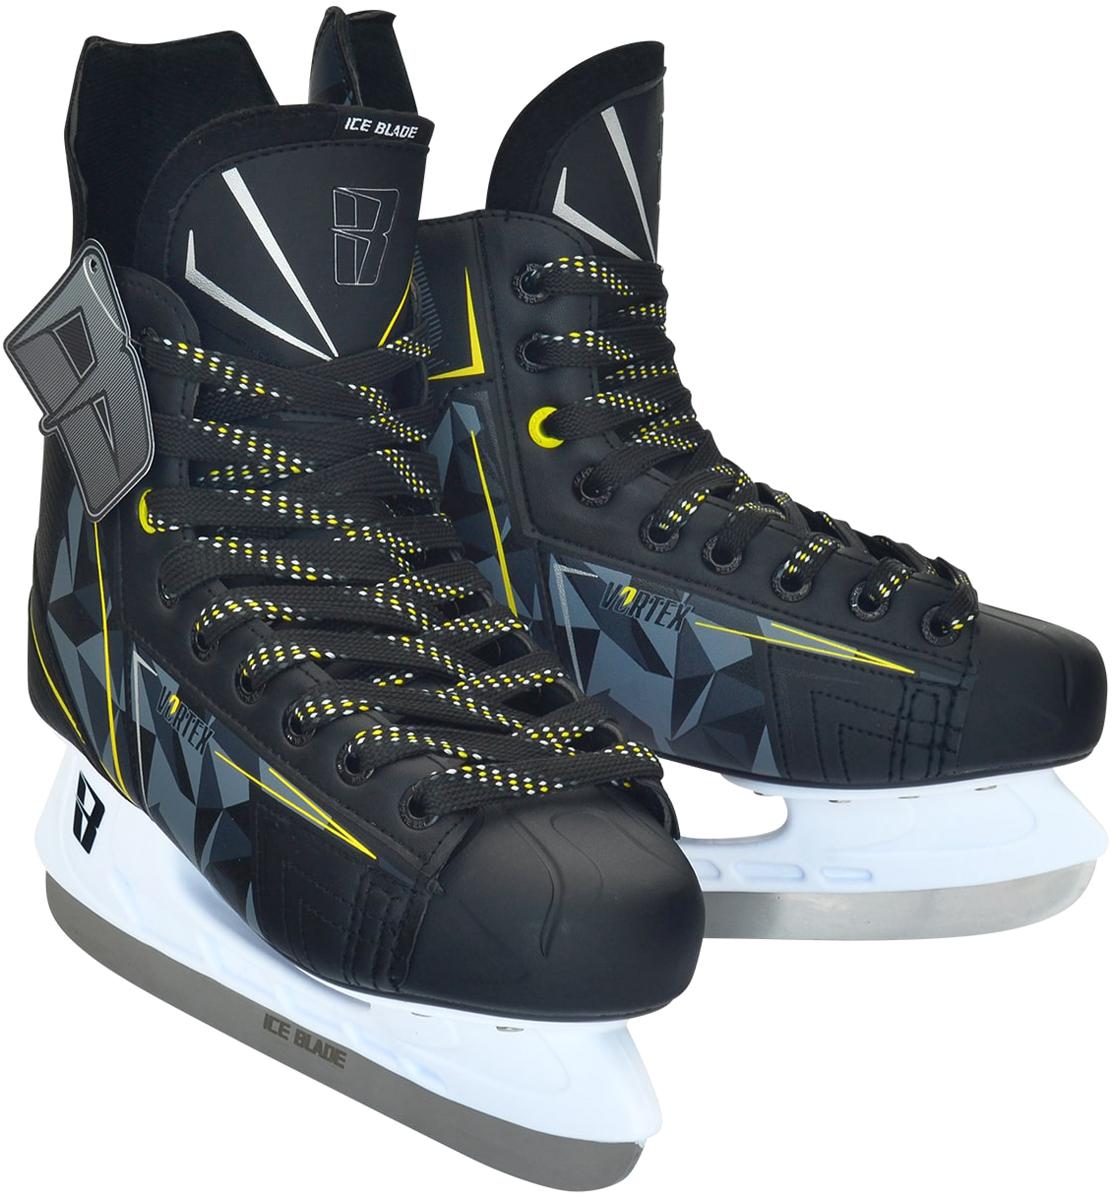 Коньки хоккейные мужские Ice Blade Vortex, цвет: серый, желтый, белый. Размер 46УТ-00010444Хоккейные коньки Ice Blade Vortex являются официальной лицензионной продукцией Континентальной Хоккейной Лиги (КХЛ). Это прекрасная любительская модель коньков с уникальным стильным ассиметричным дизайном, выполненным в новой стилистической концепции КХЛ. Модель выполнена из износостойких материалов, устойчивых к порезам. Усиленная жесткость ботинка для более уверенного катания. Дополнительные вставки из EVA и MEMORY foam обеспечат комфорт. Лезвие выполнено из высокоуглеродистой стали с покрытием из никеля. Шнуровка надежно зафиксирует модель на ноге.Коньки подходят для использования на открытом и закрытом льду.